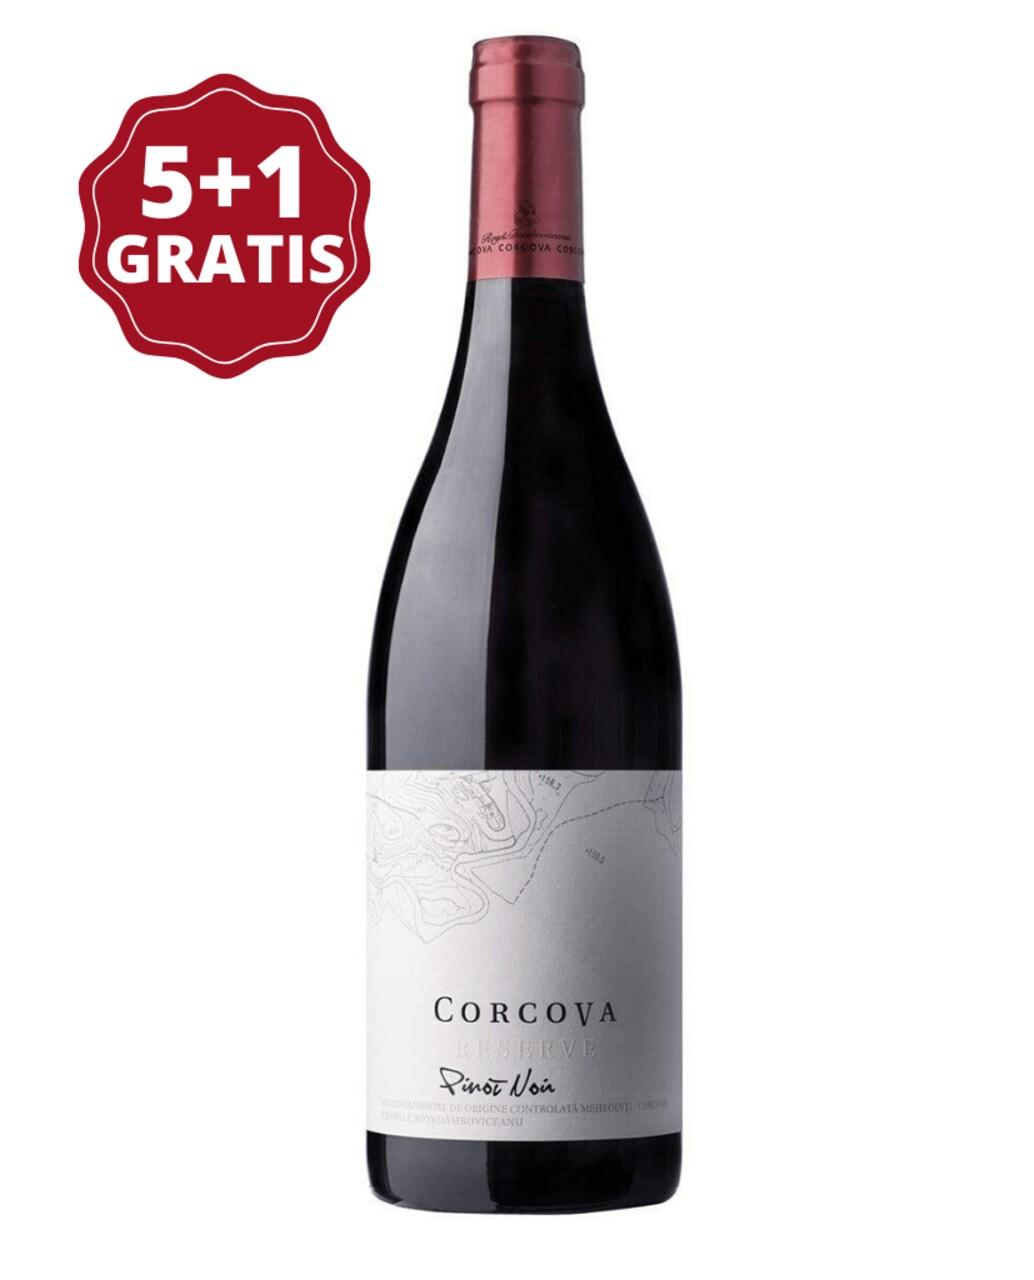 Corcova Reserve Pinot Noir 5+1